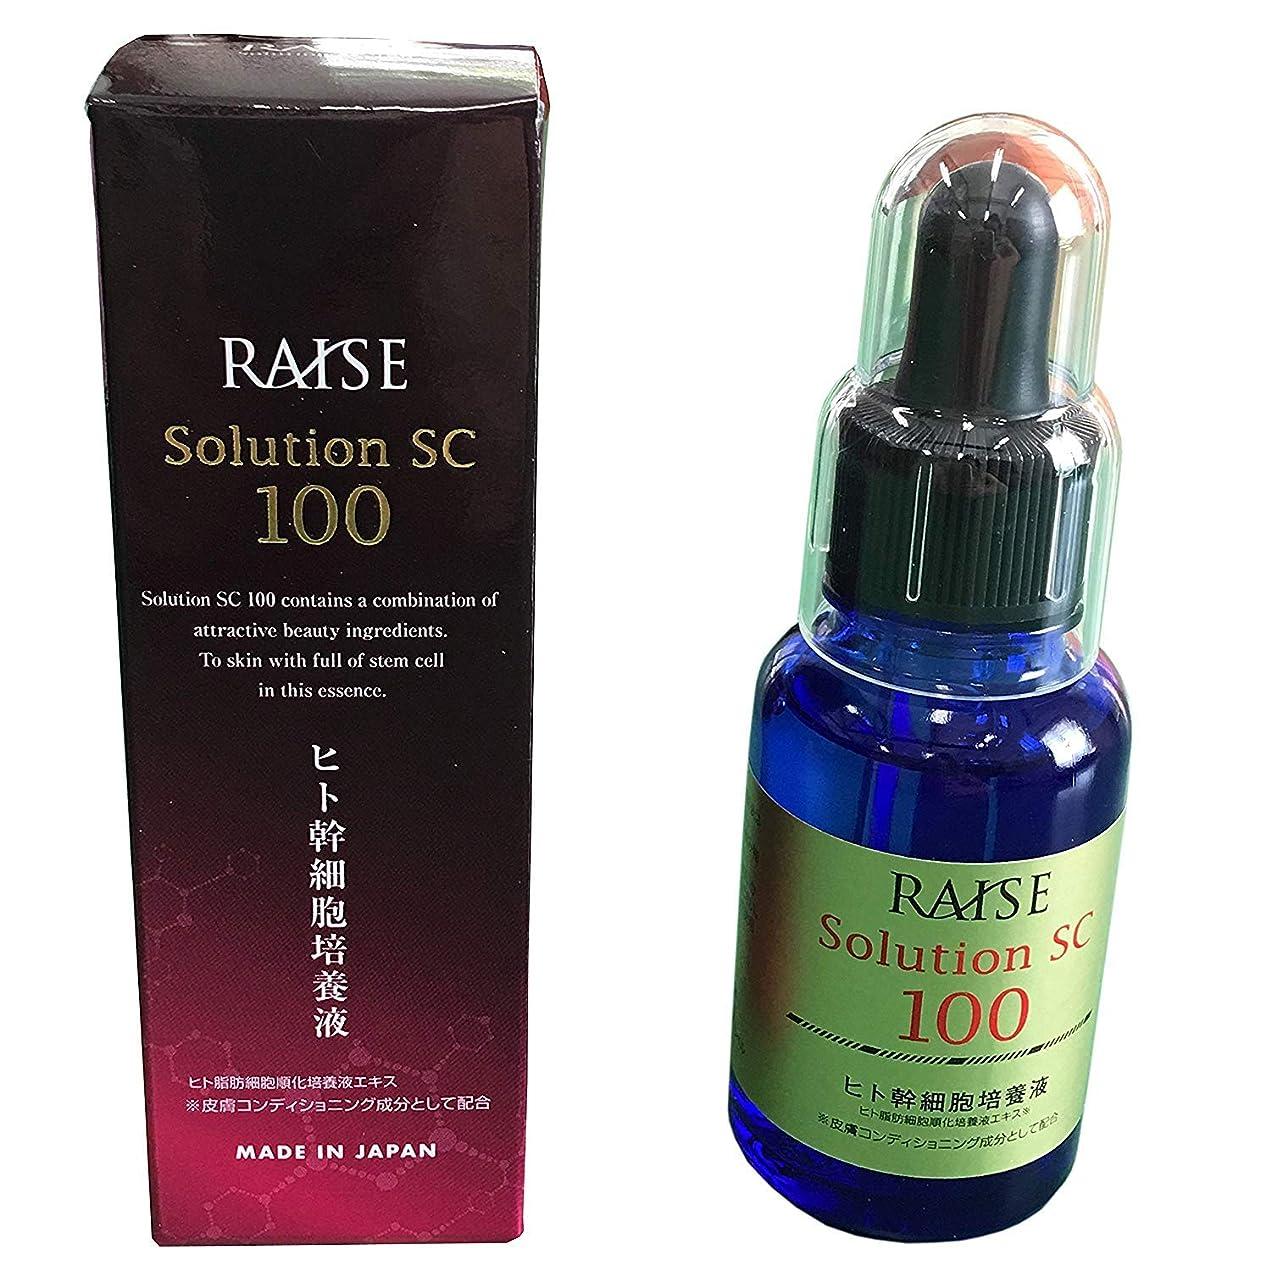 時制に関してせがむRAISE (レイズ) ソリューション SC100 ヒト幹細胞 + 活性型 FGF 美容液 30ml